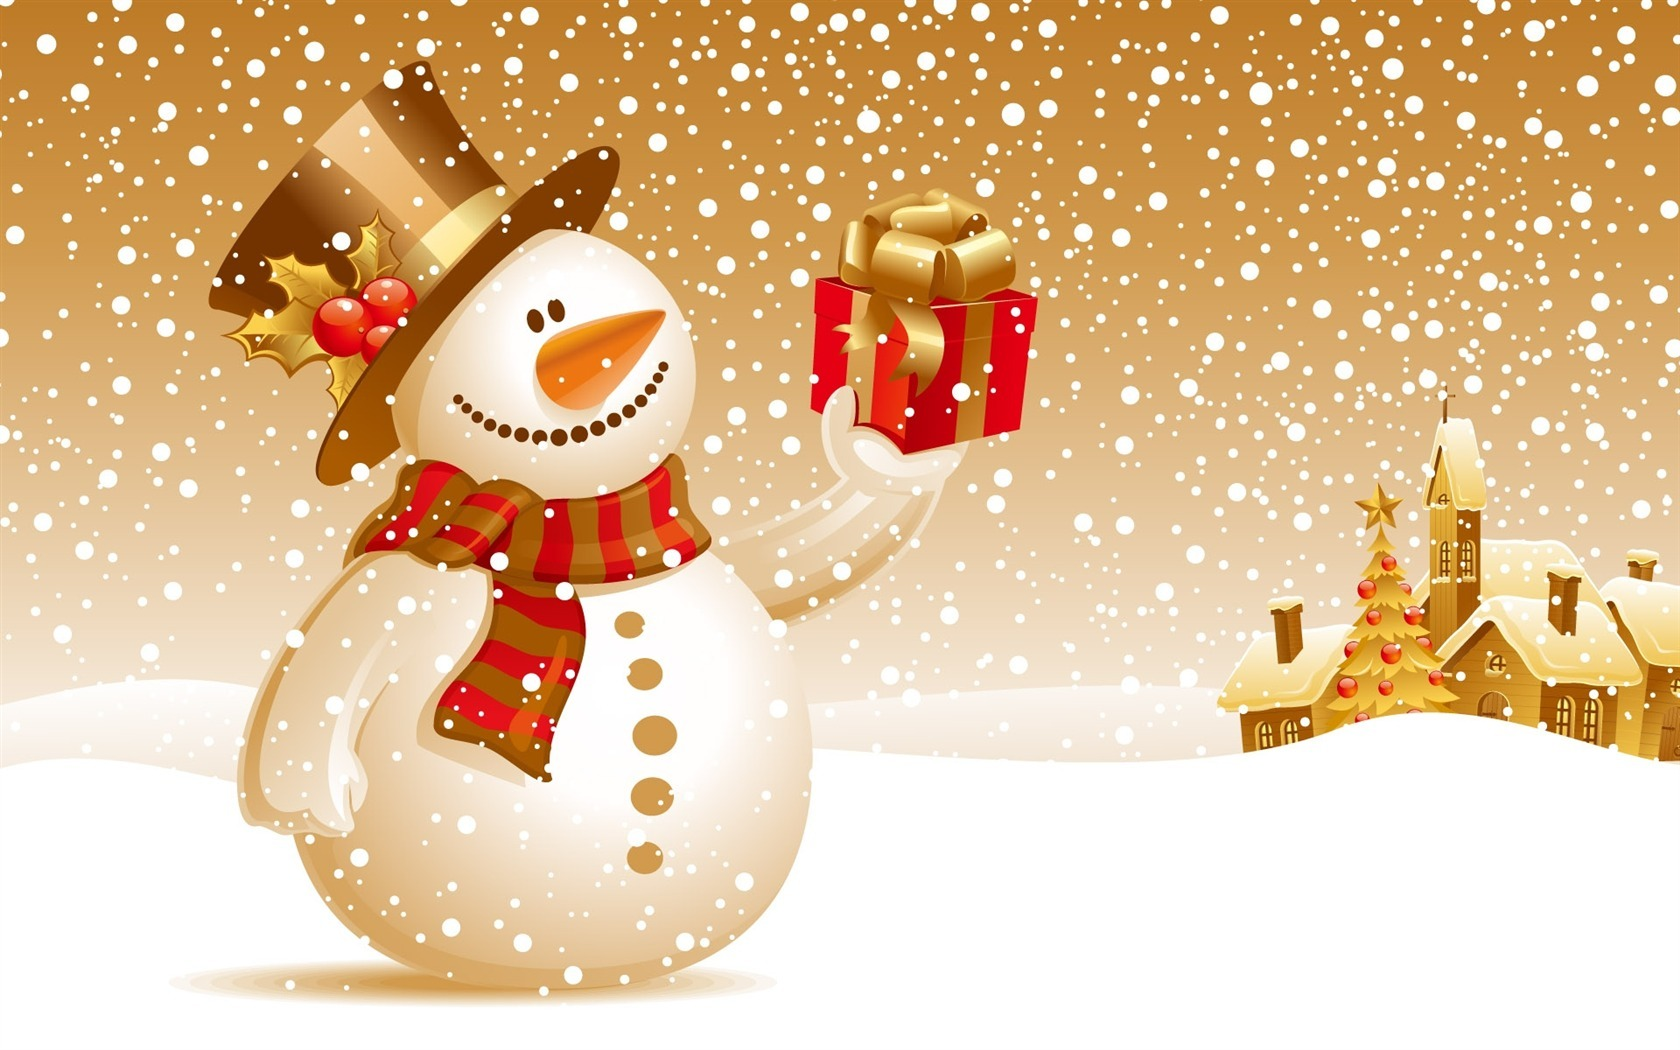 Frohe Weihnachten Besinnlich.Ich Wunsche Euch Allen Eine Besinnliche Weihnachtszeit